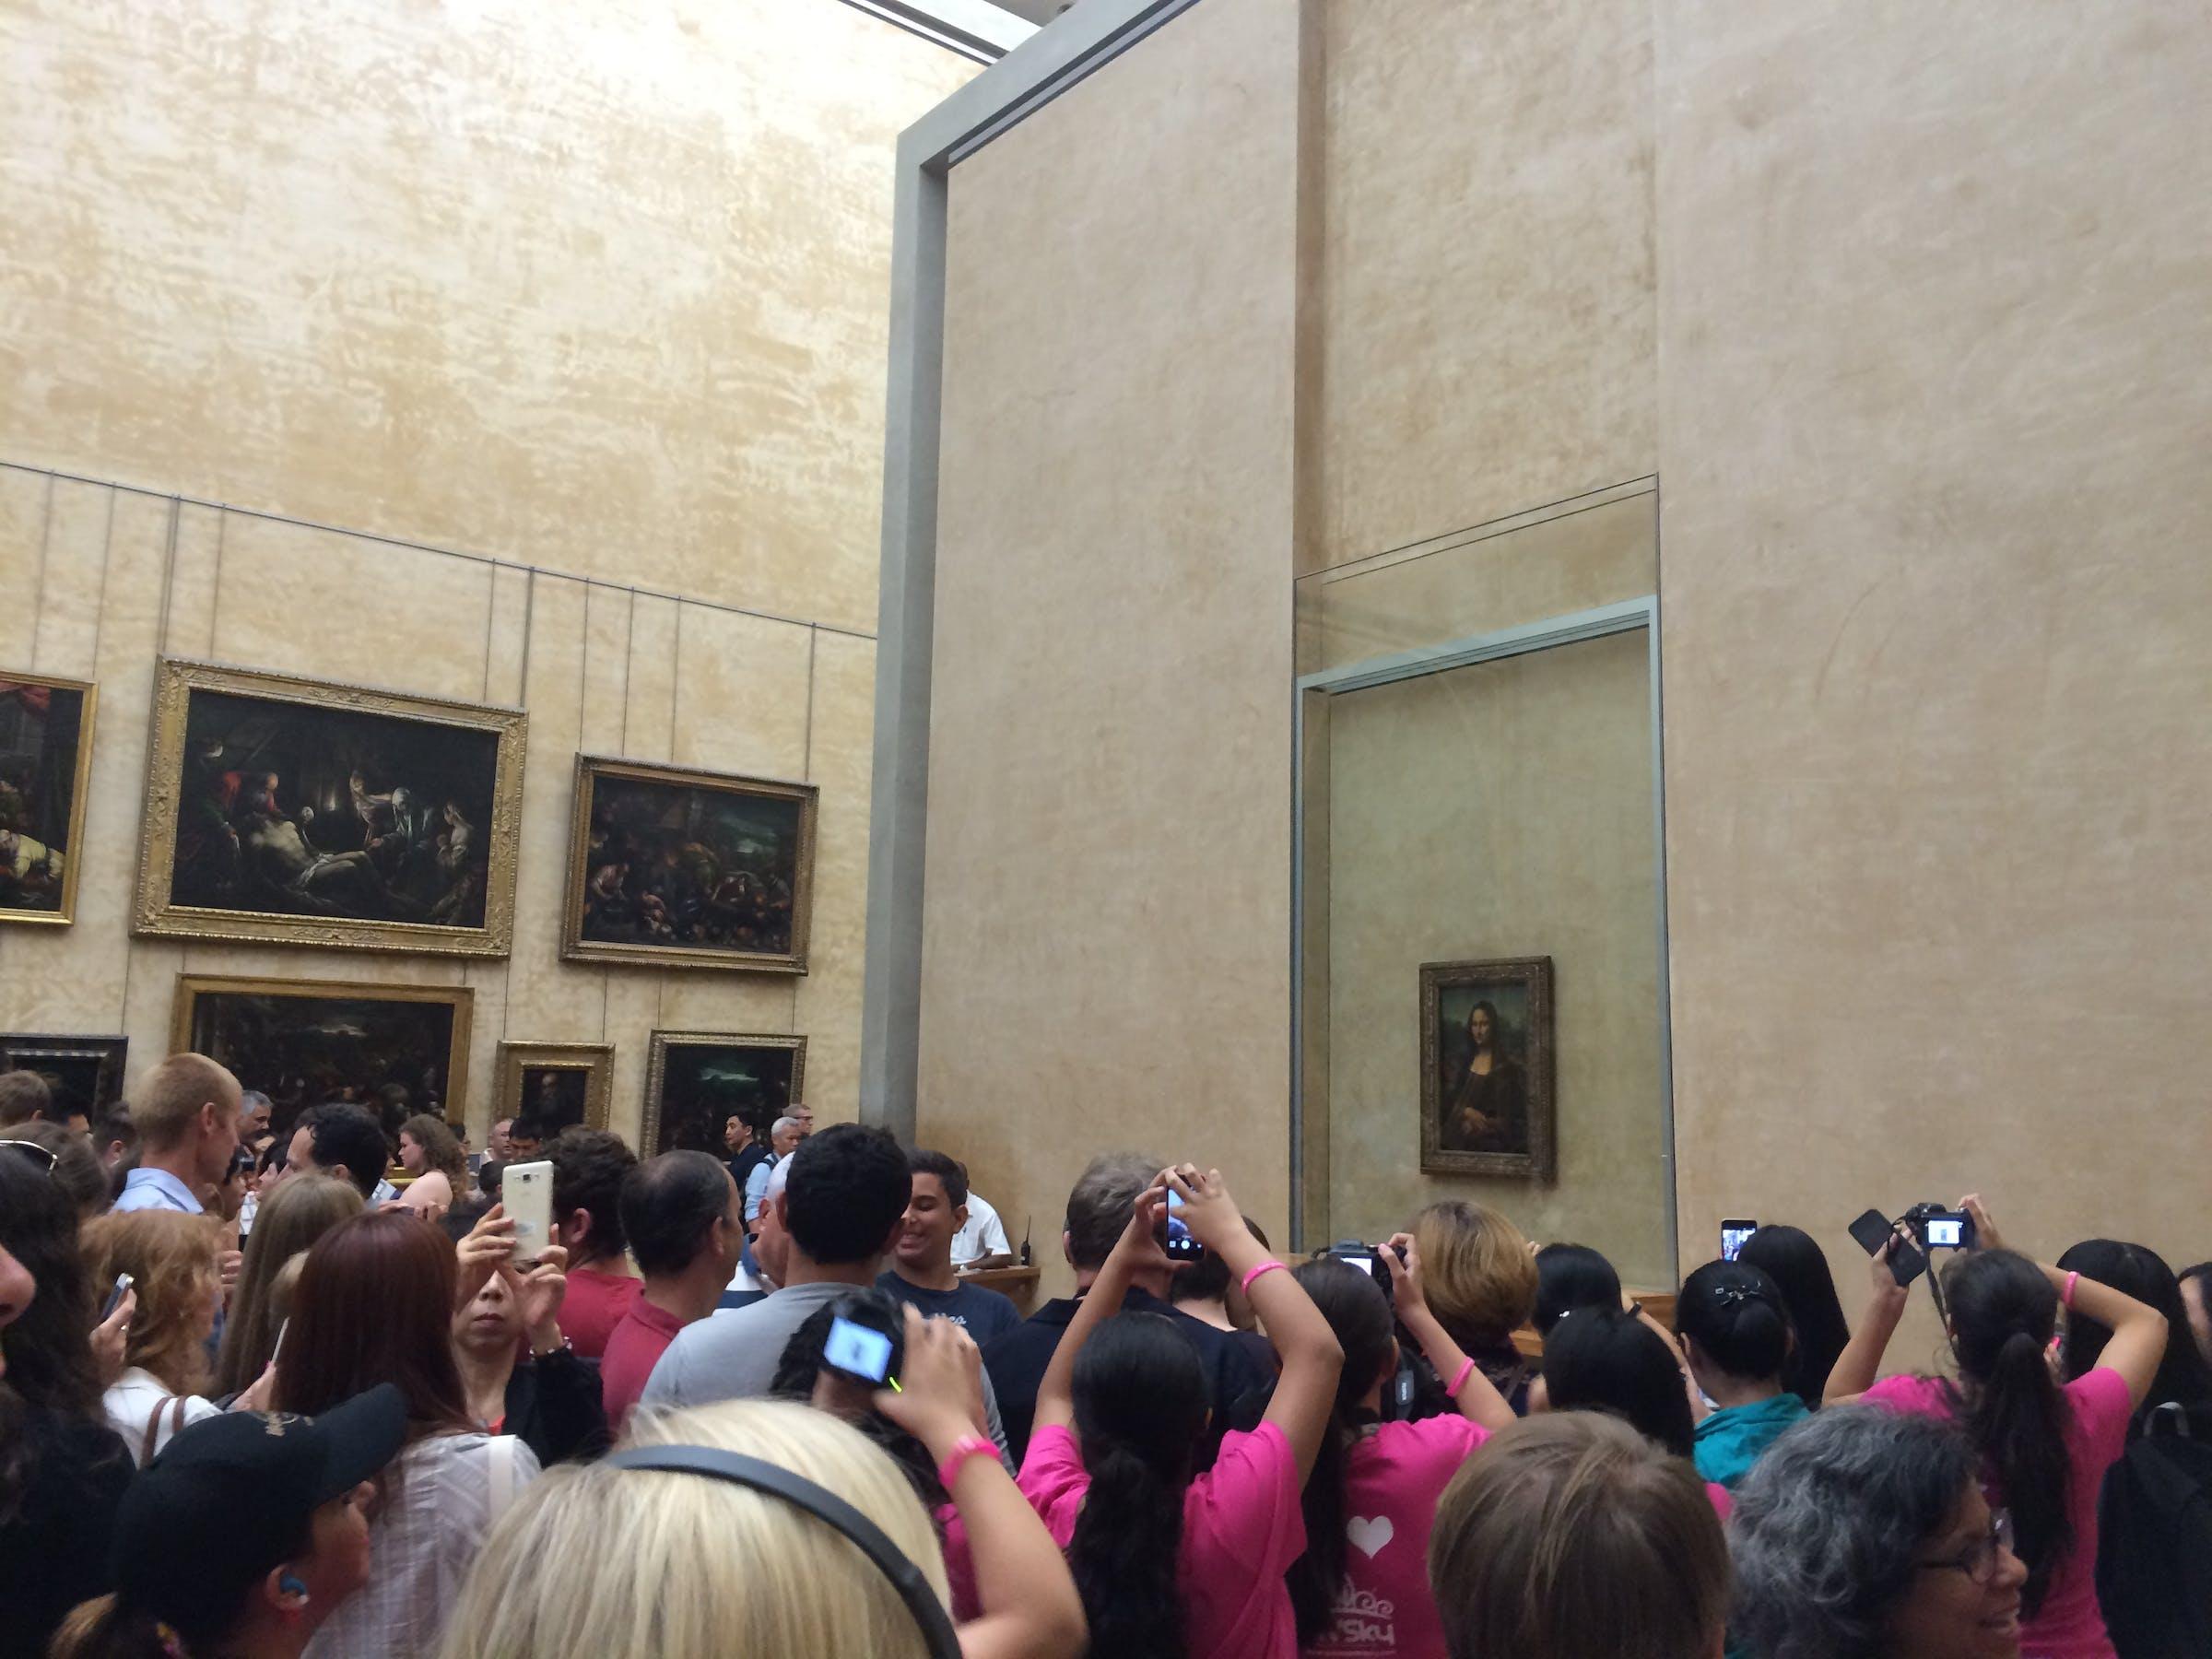 Mona Lisa crowd, Musée du Louvre, Paris, France